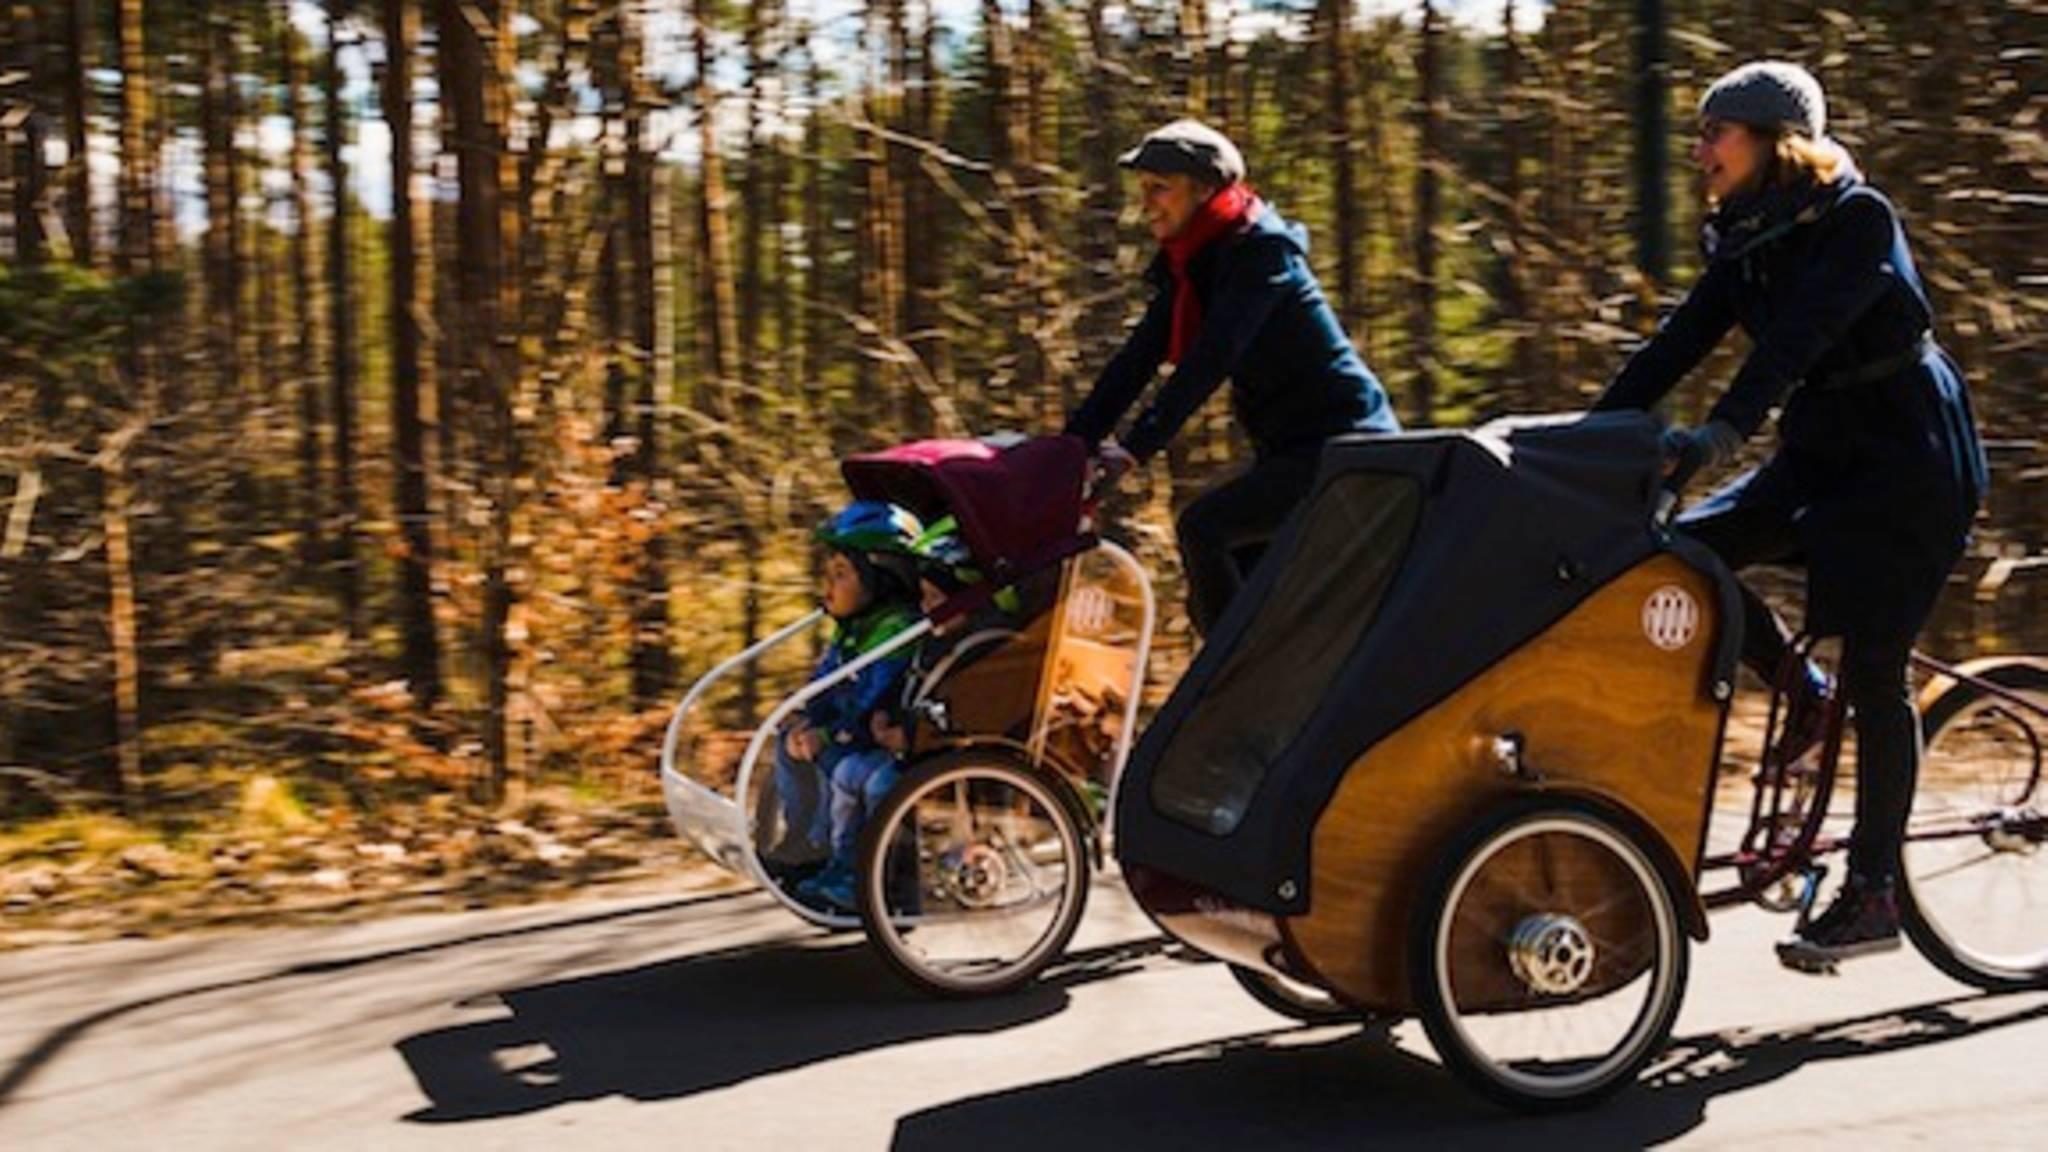 Fahrradtransport Kinder Vorne Fahrrad Bilder Sammlung